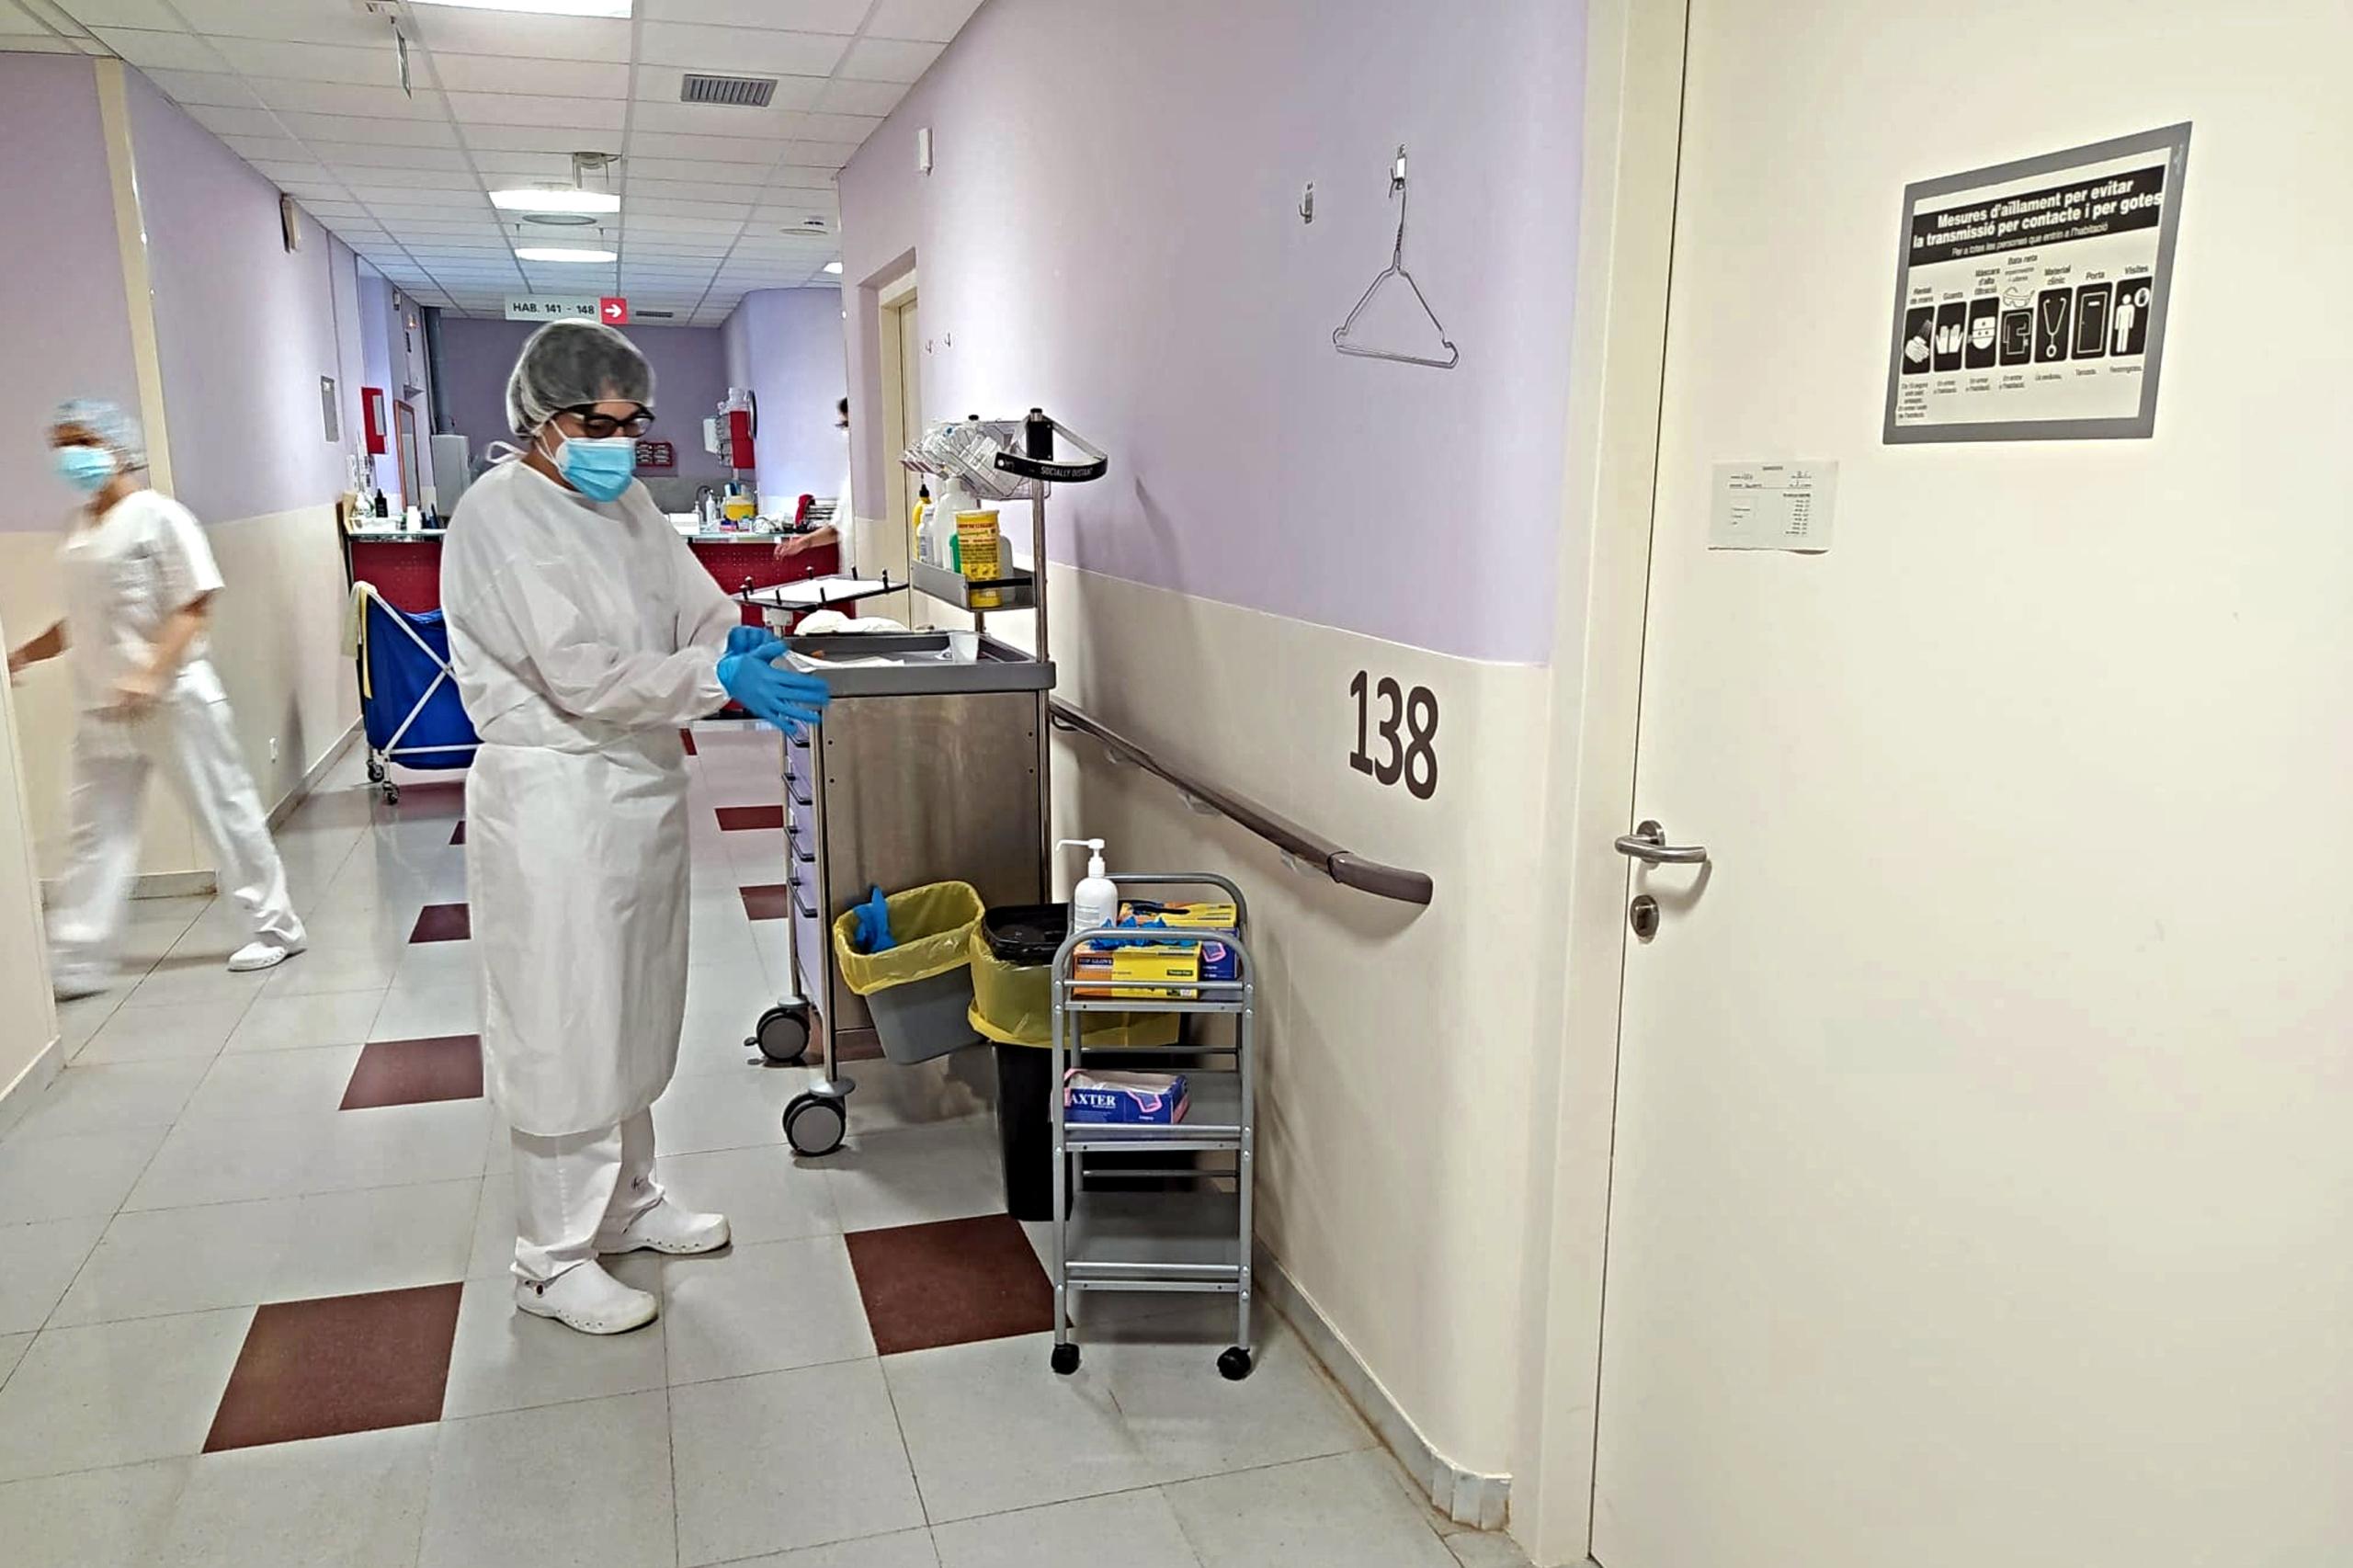 La planta de medicina interna de l'hospital de Figueres. Imatge cedida / ACN